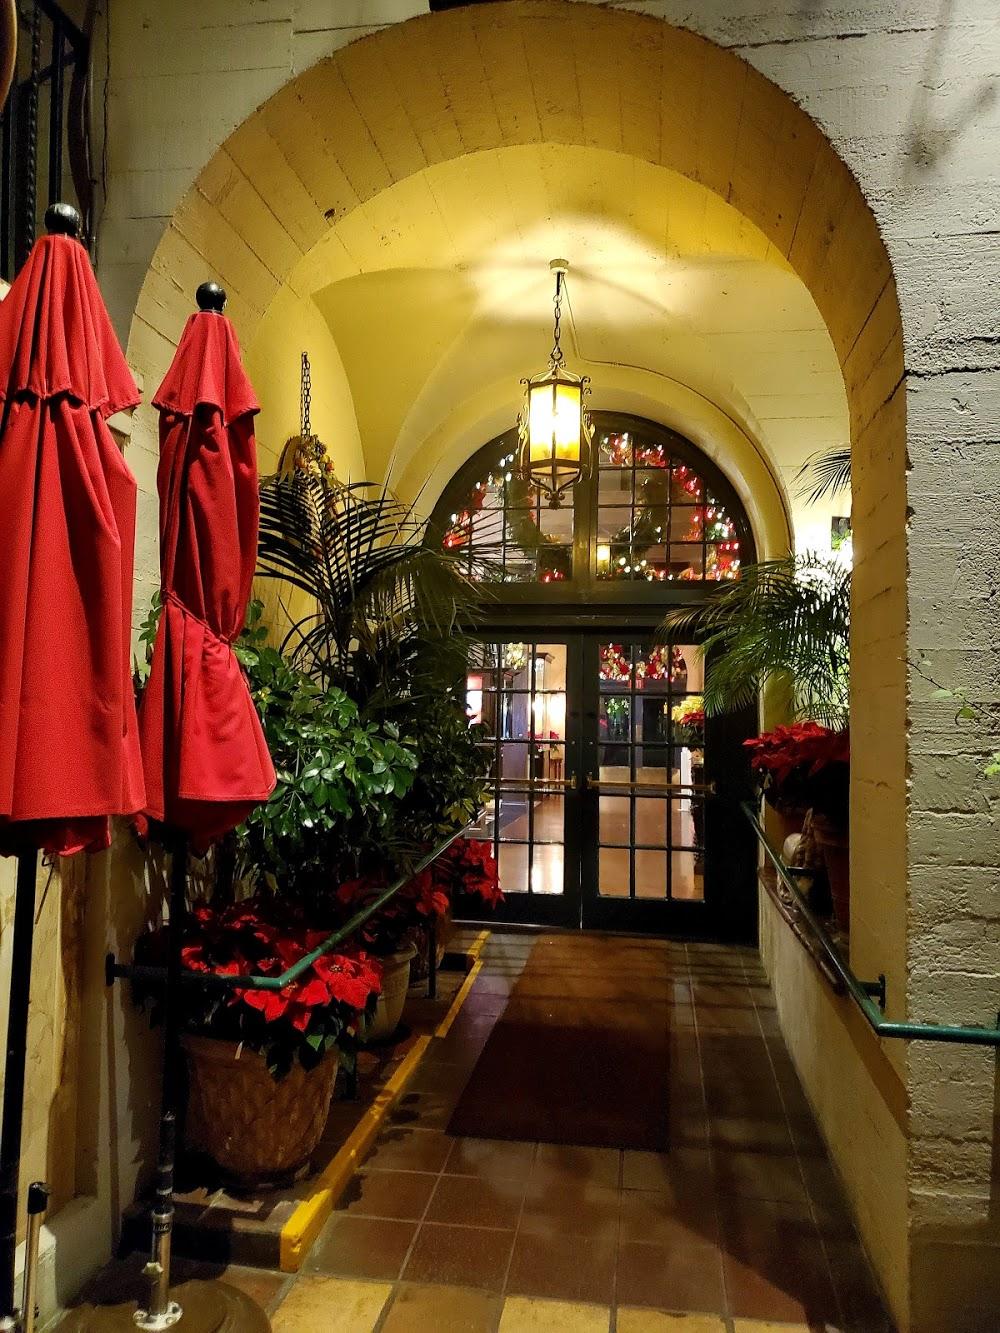 The Mission Inn Restaurant